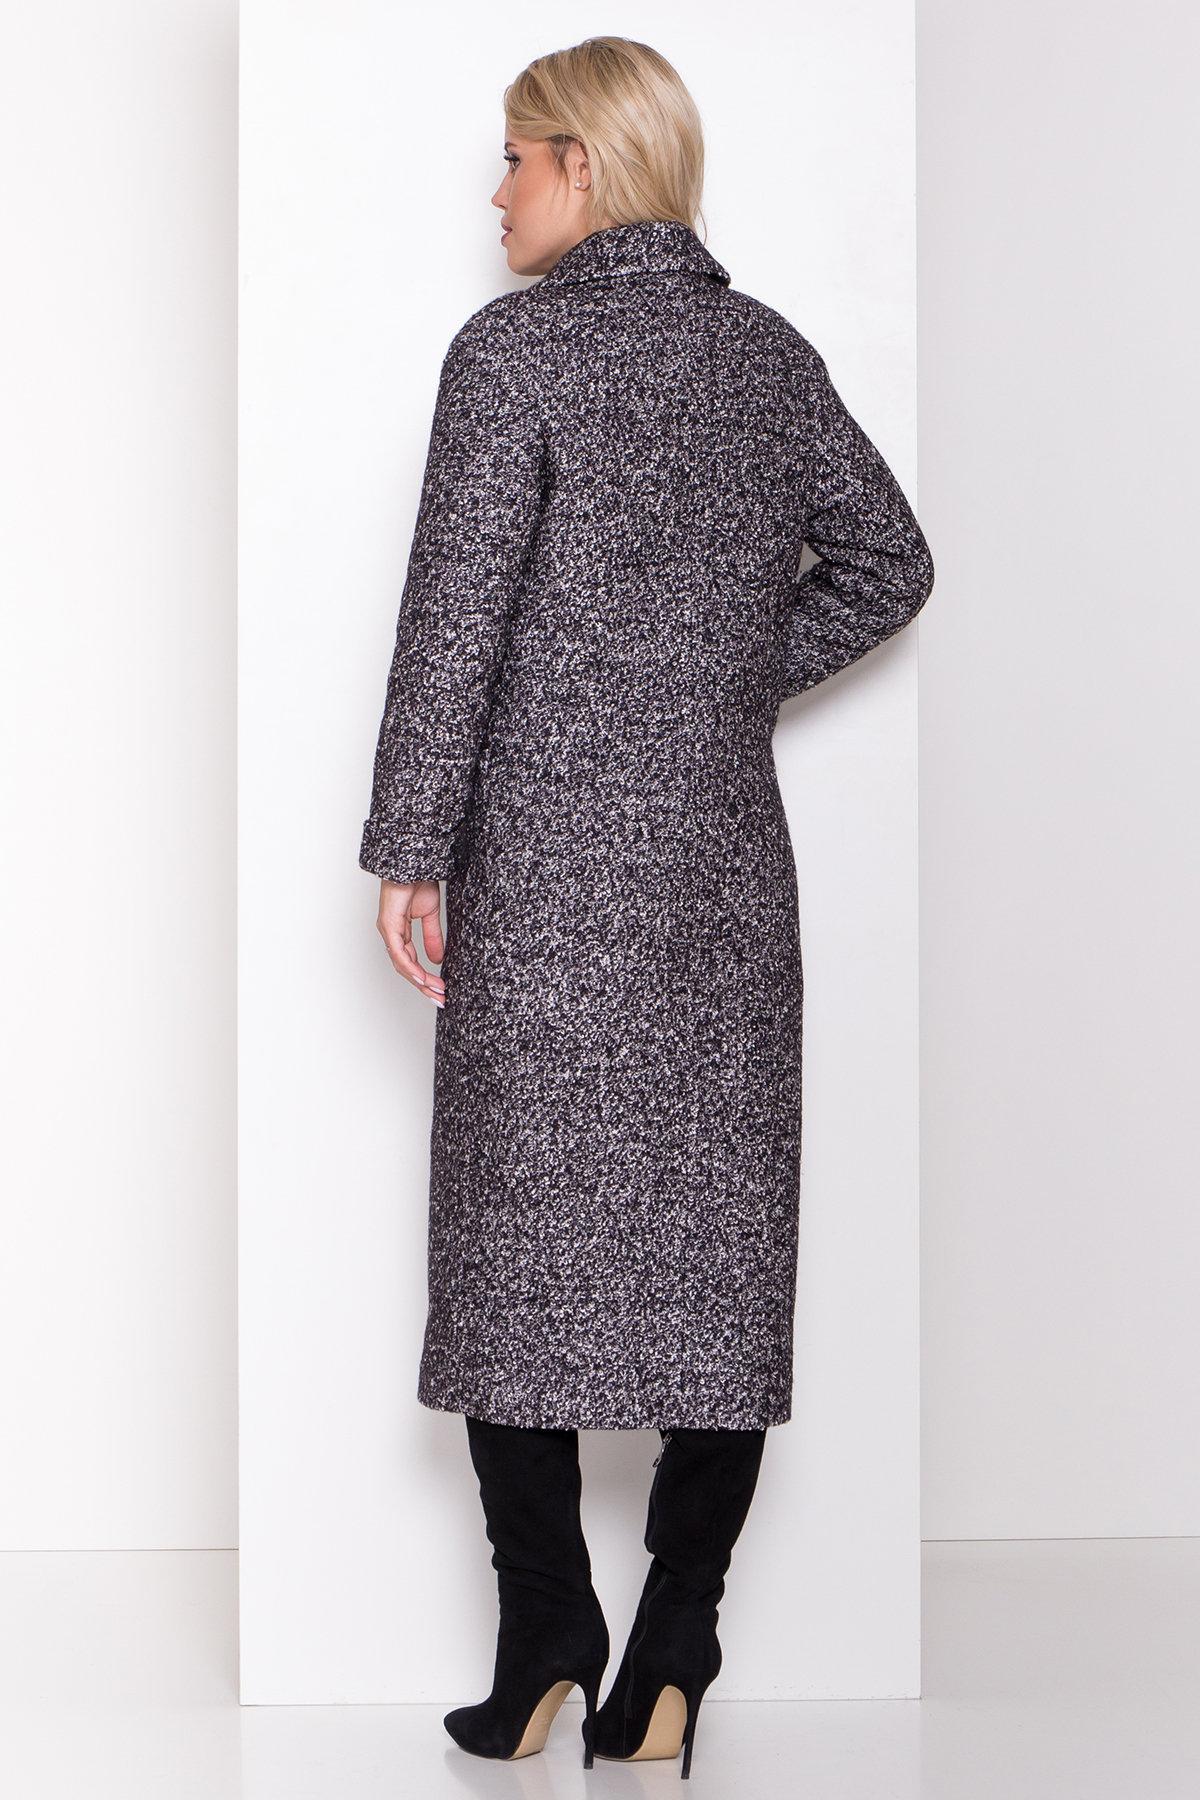 Теплое зимнее пальто буклированная шерсть Вива макси 8349 АРТ. 44517 Цвет: Черный/серый 61 - фото 15, интернет магазин tm-modus.ru